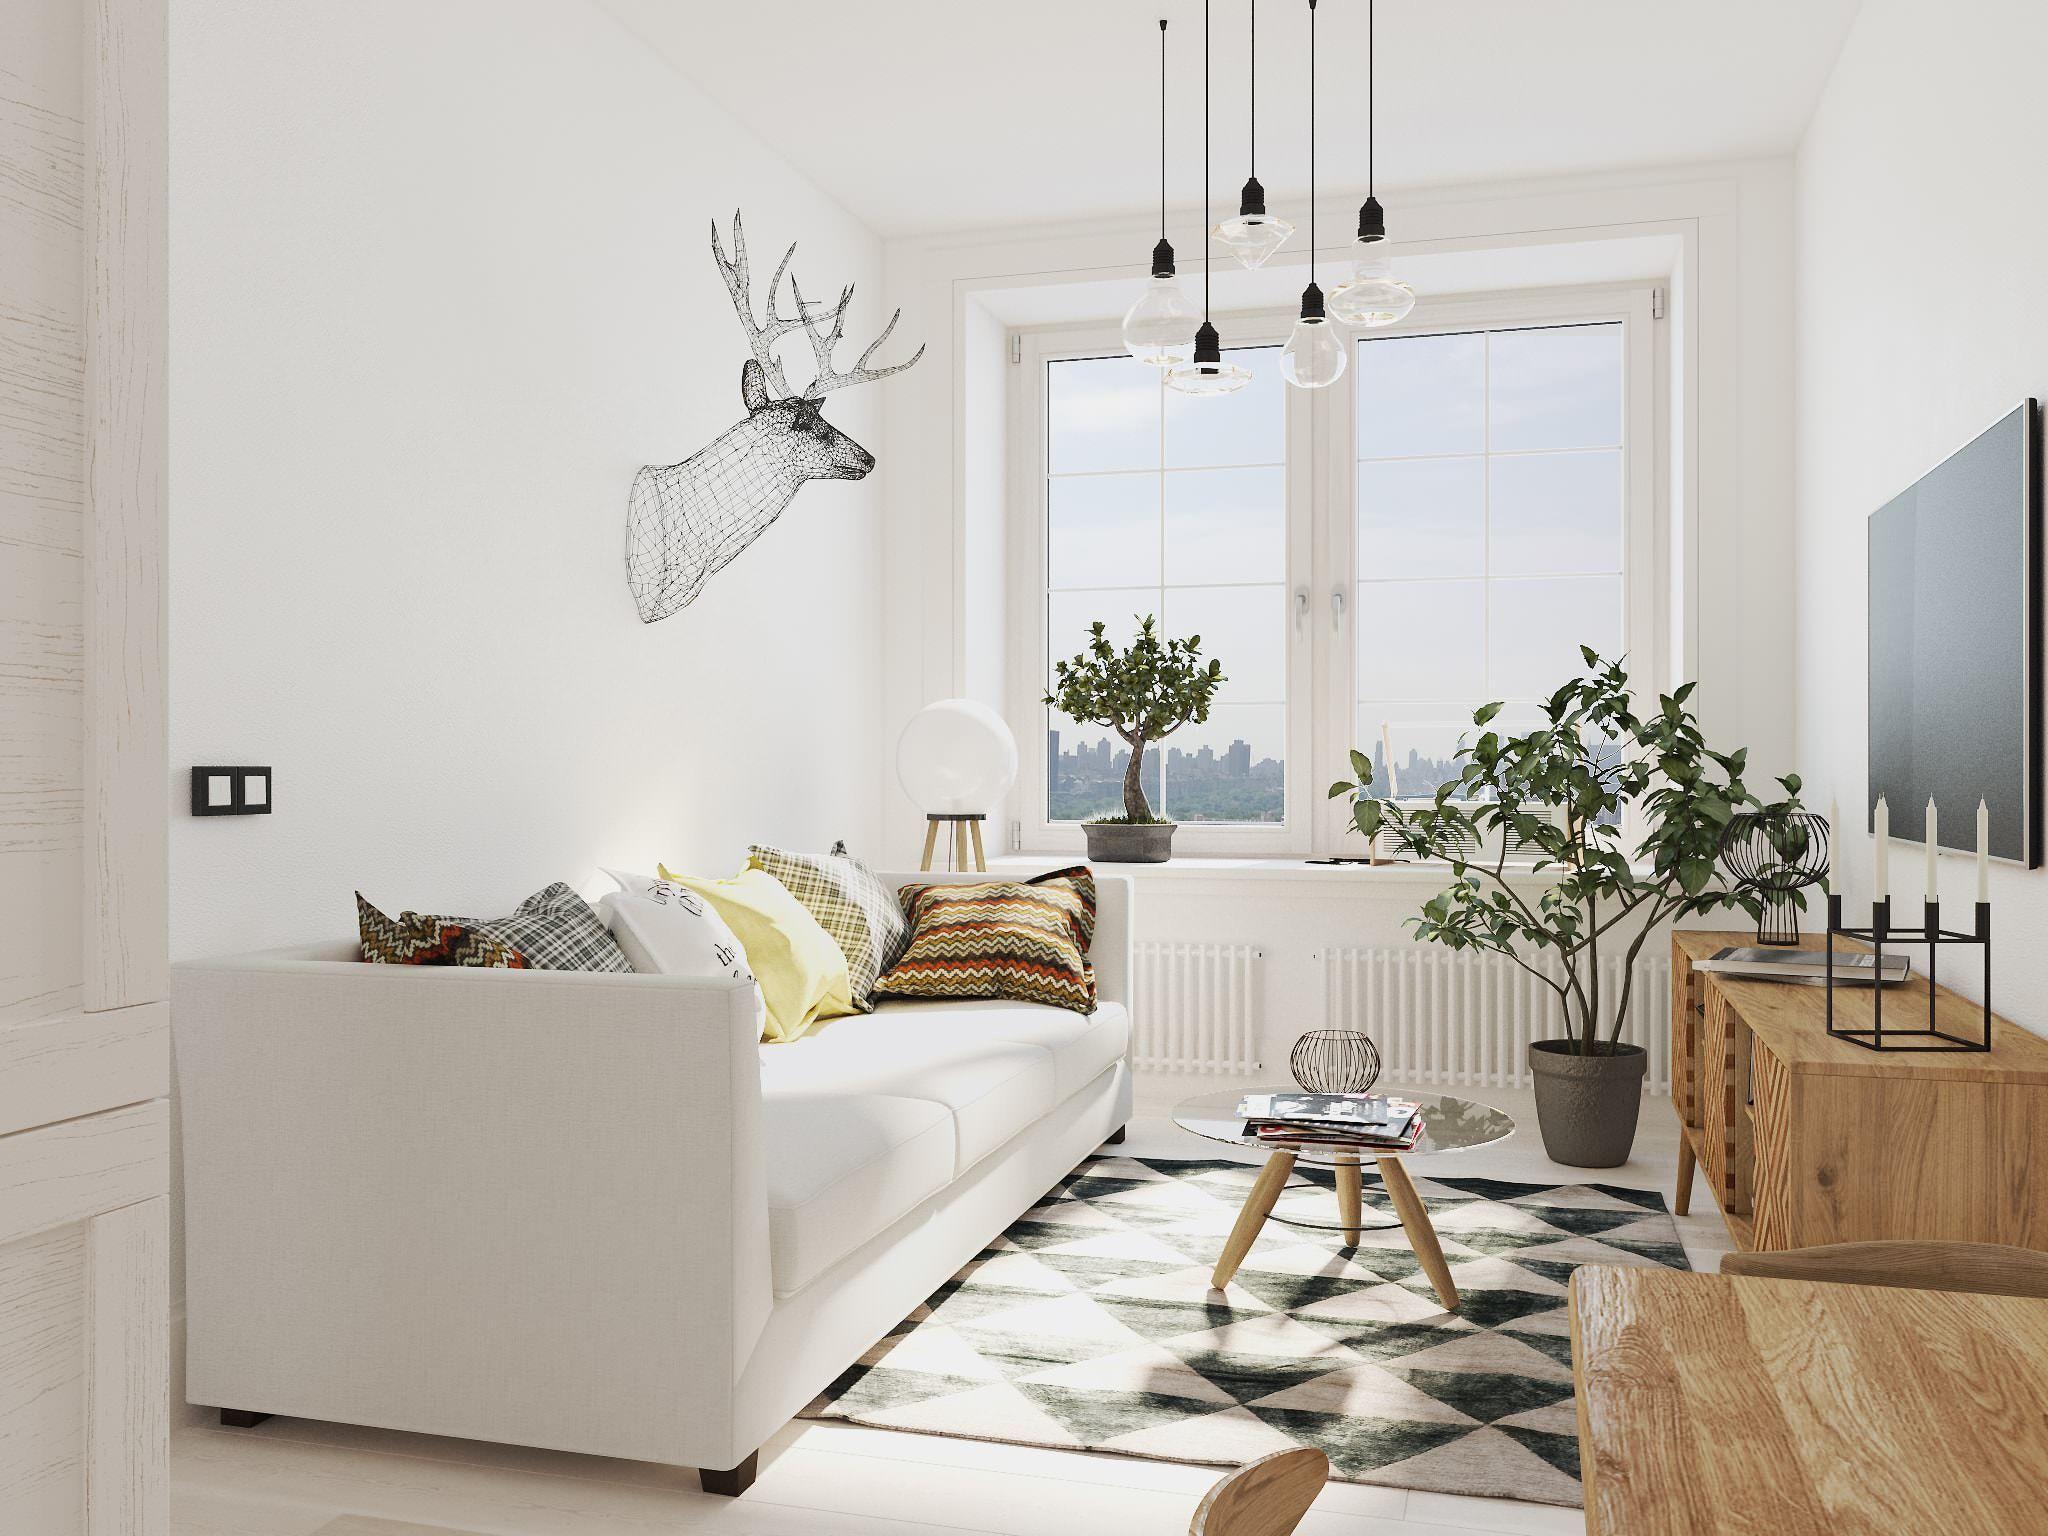 дизайн квартир в скандинавском стиле фото уже через